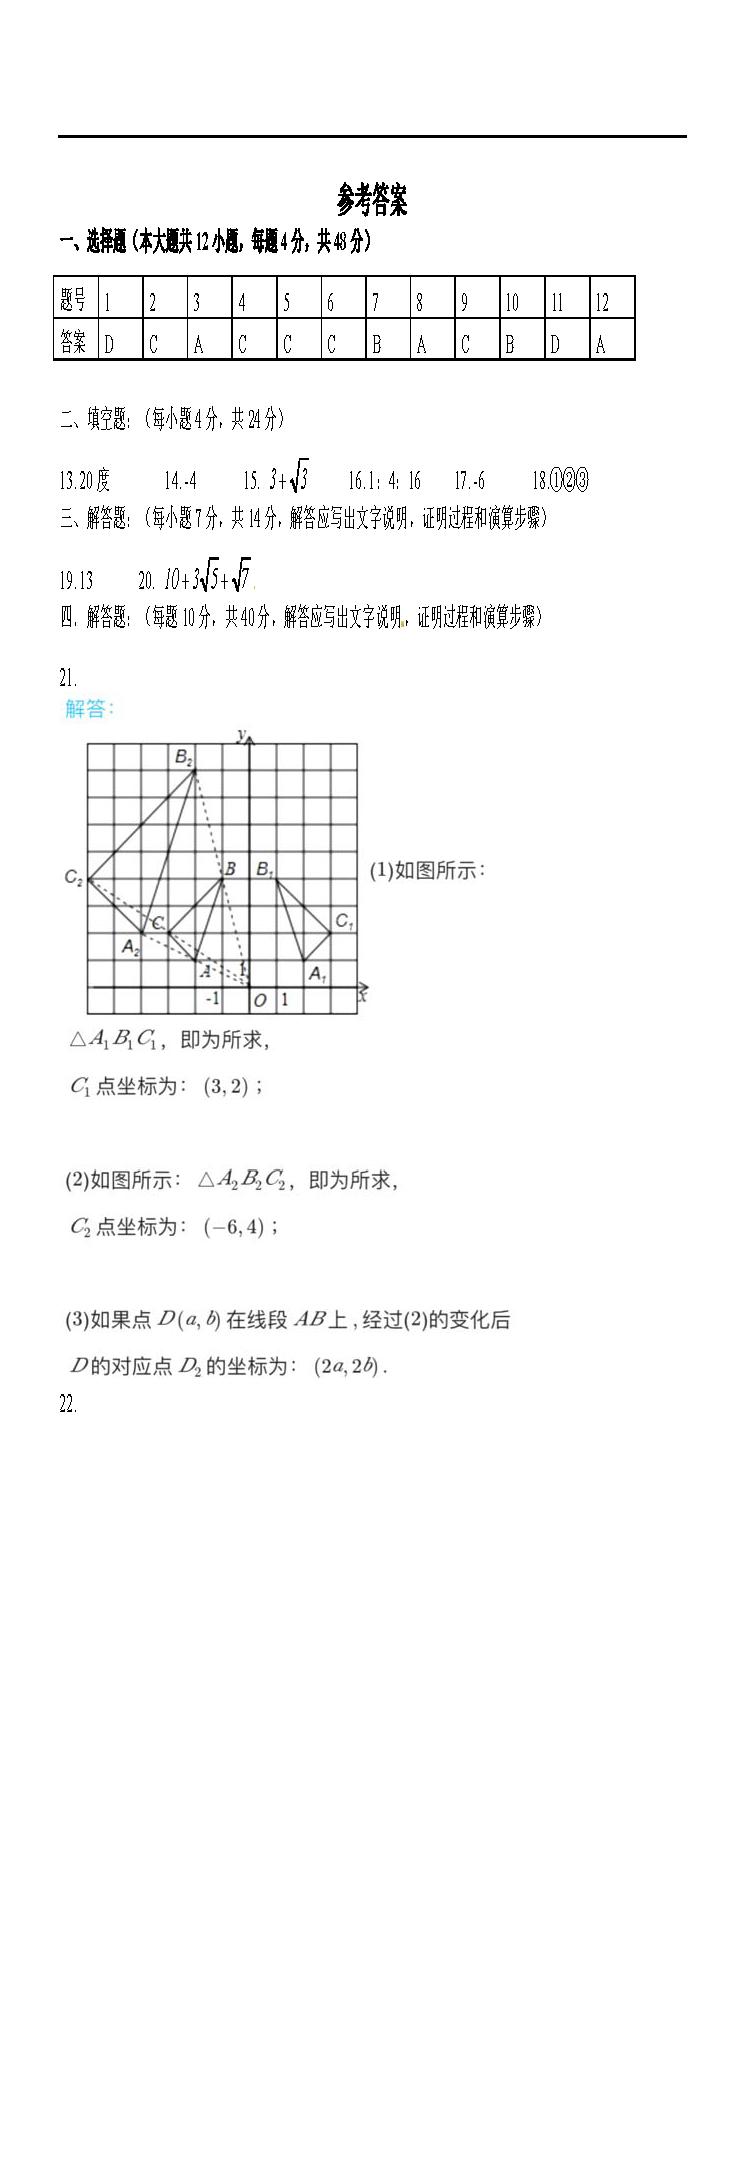 重庆求精中学2016-2017春九年级三月月考数学试卷答案(图片版)